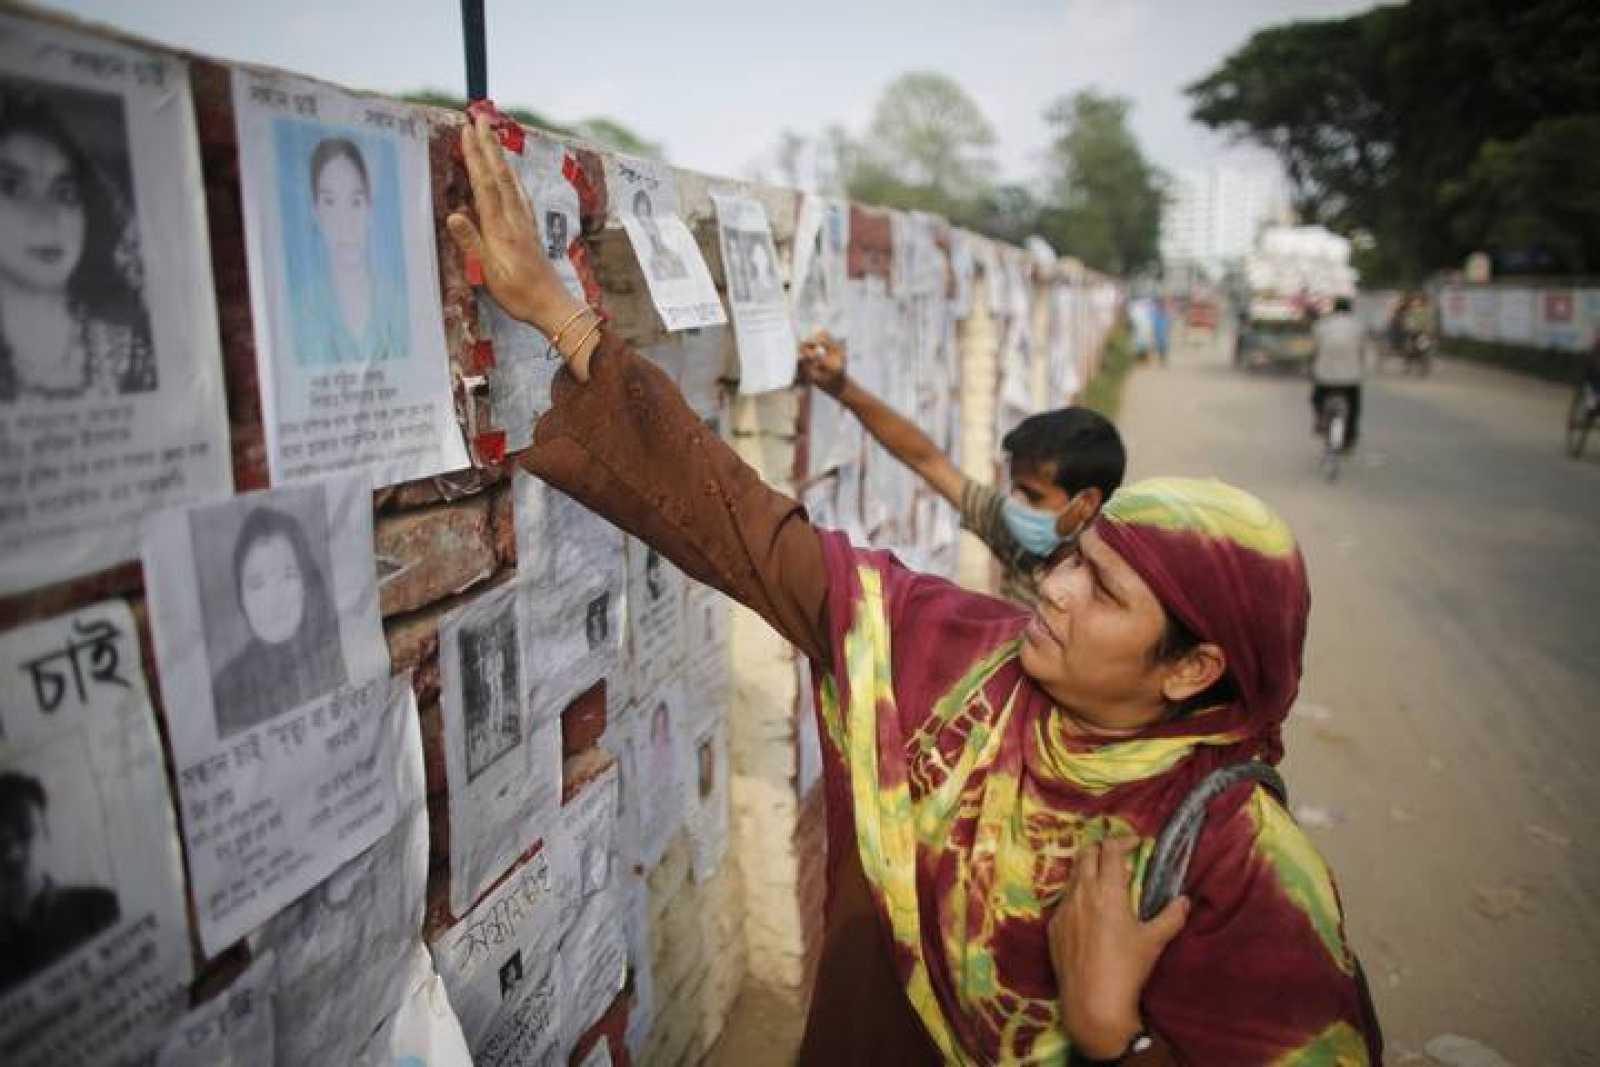 Una mujer comprueba la lista de nombres de desaparecidos por el derrumbe del edificio en Bangladesh